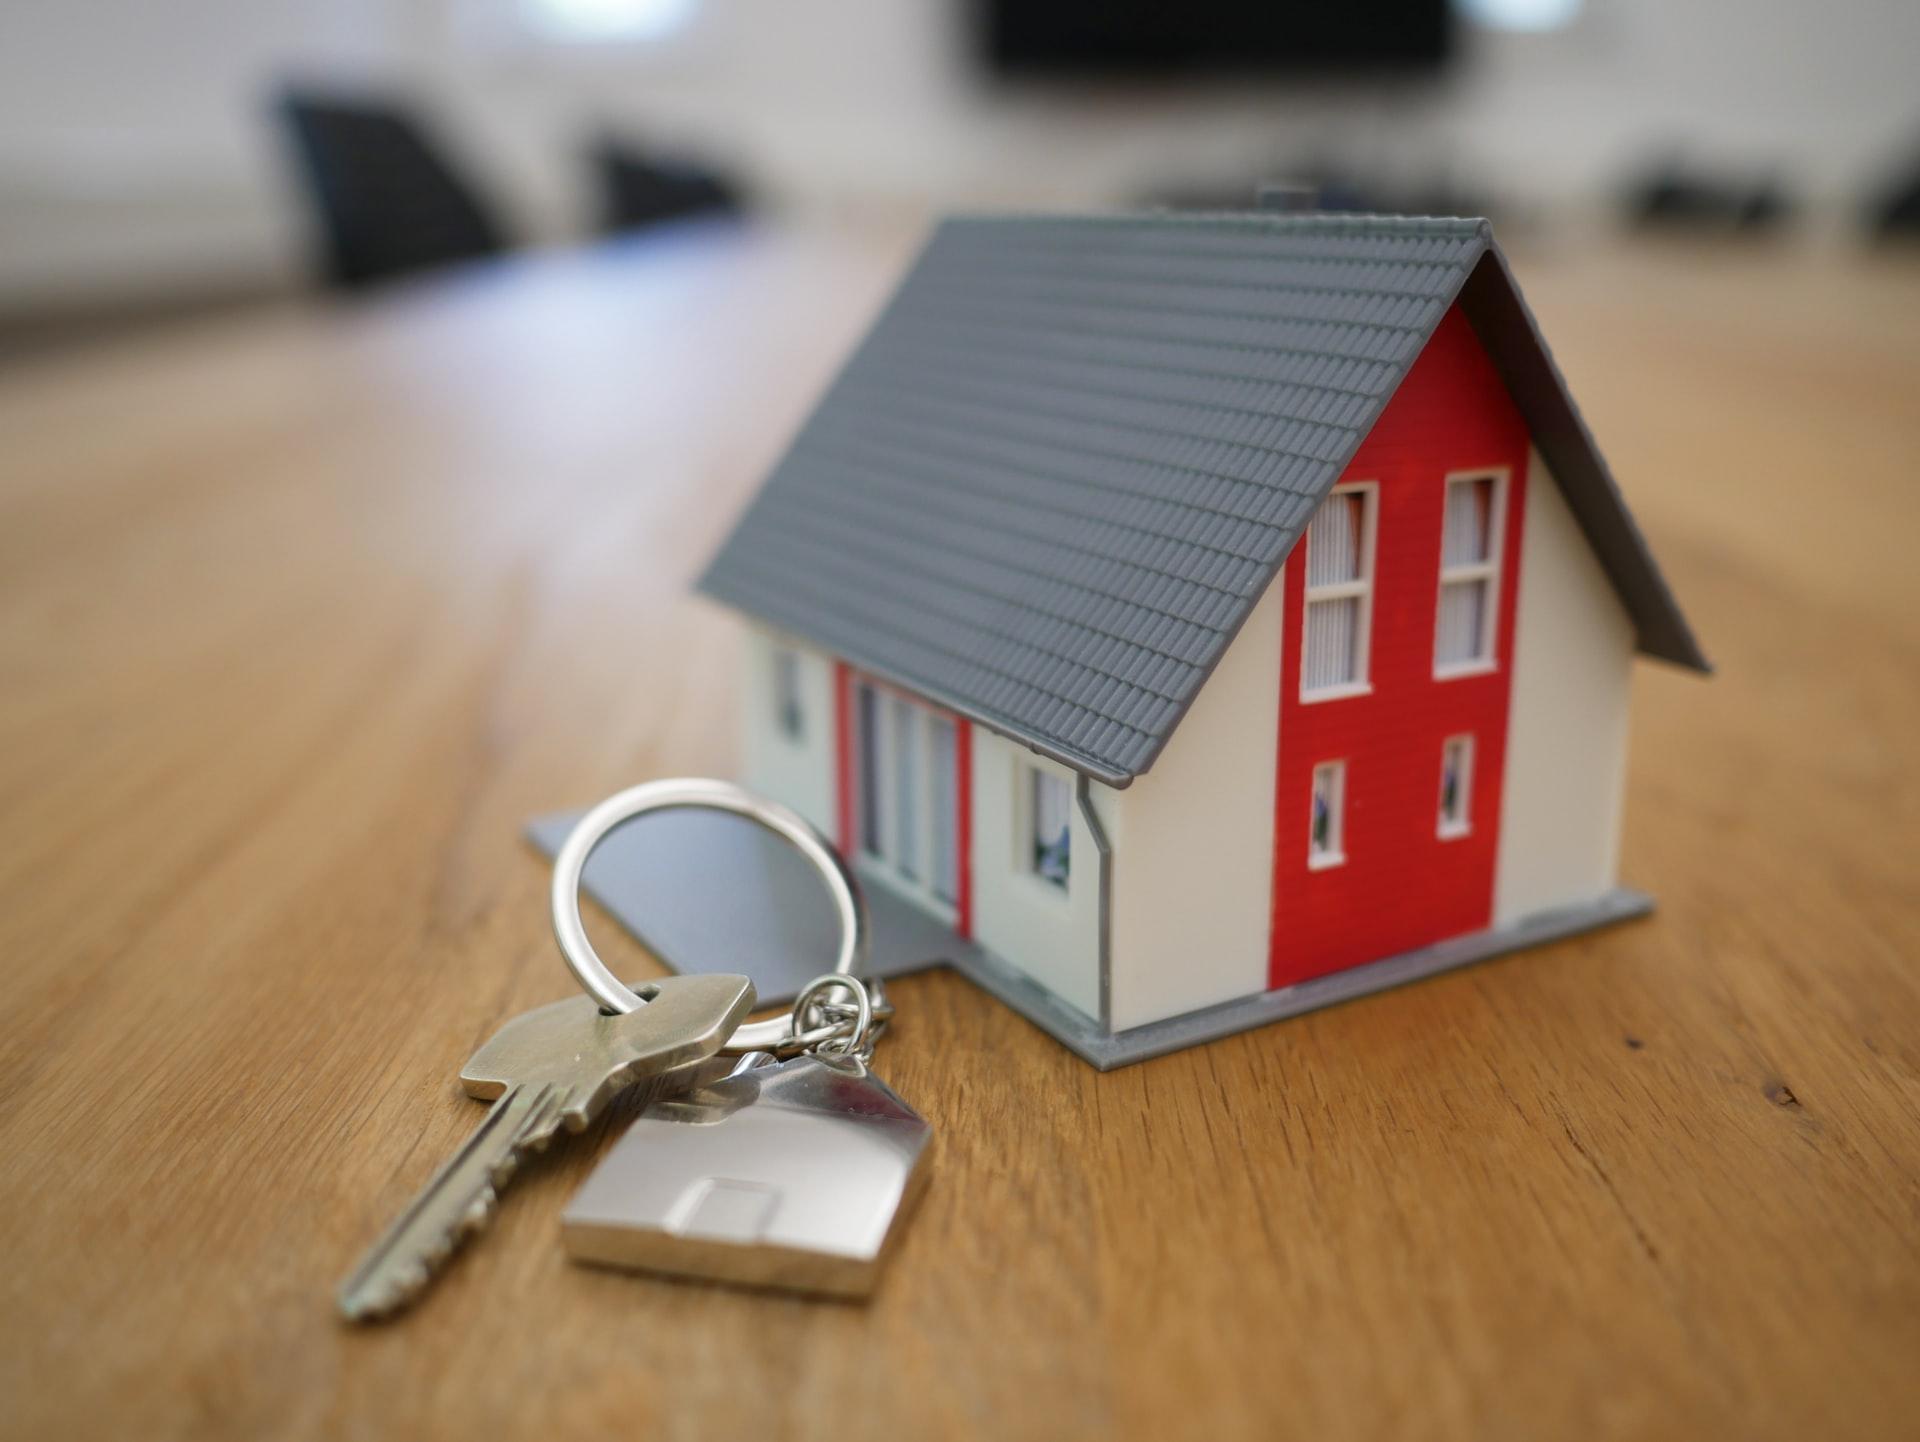 Venta de propiedades en Marbella